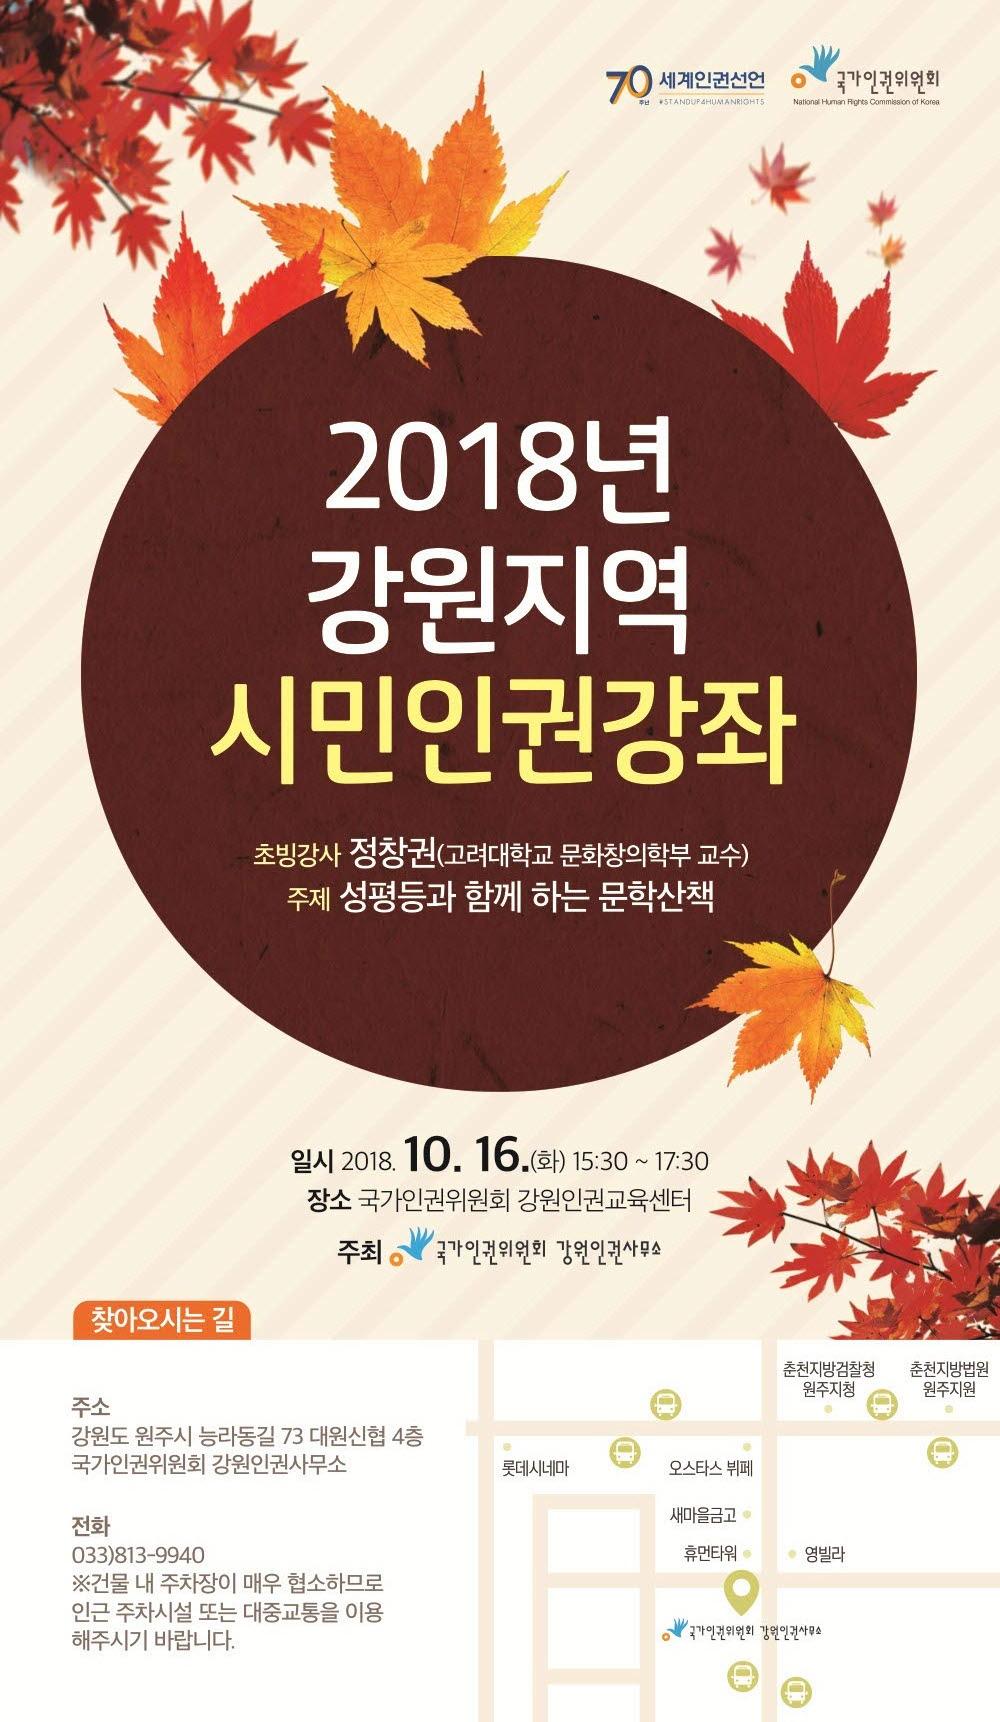 2018년 강원지역 시민인권강좌